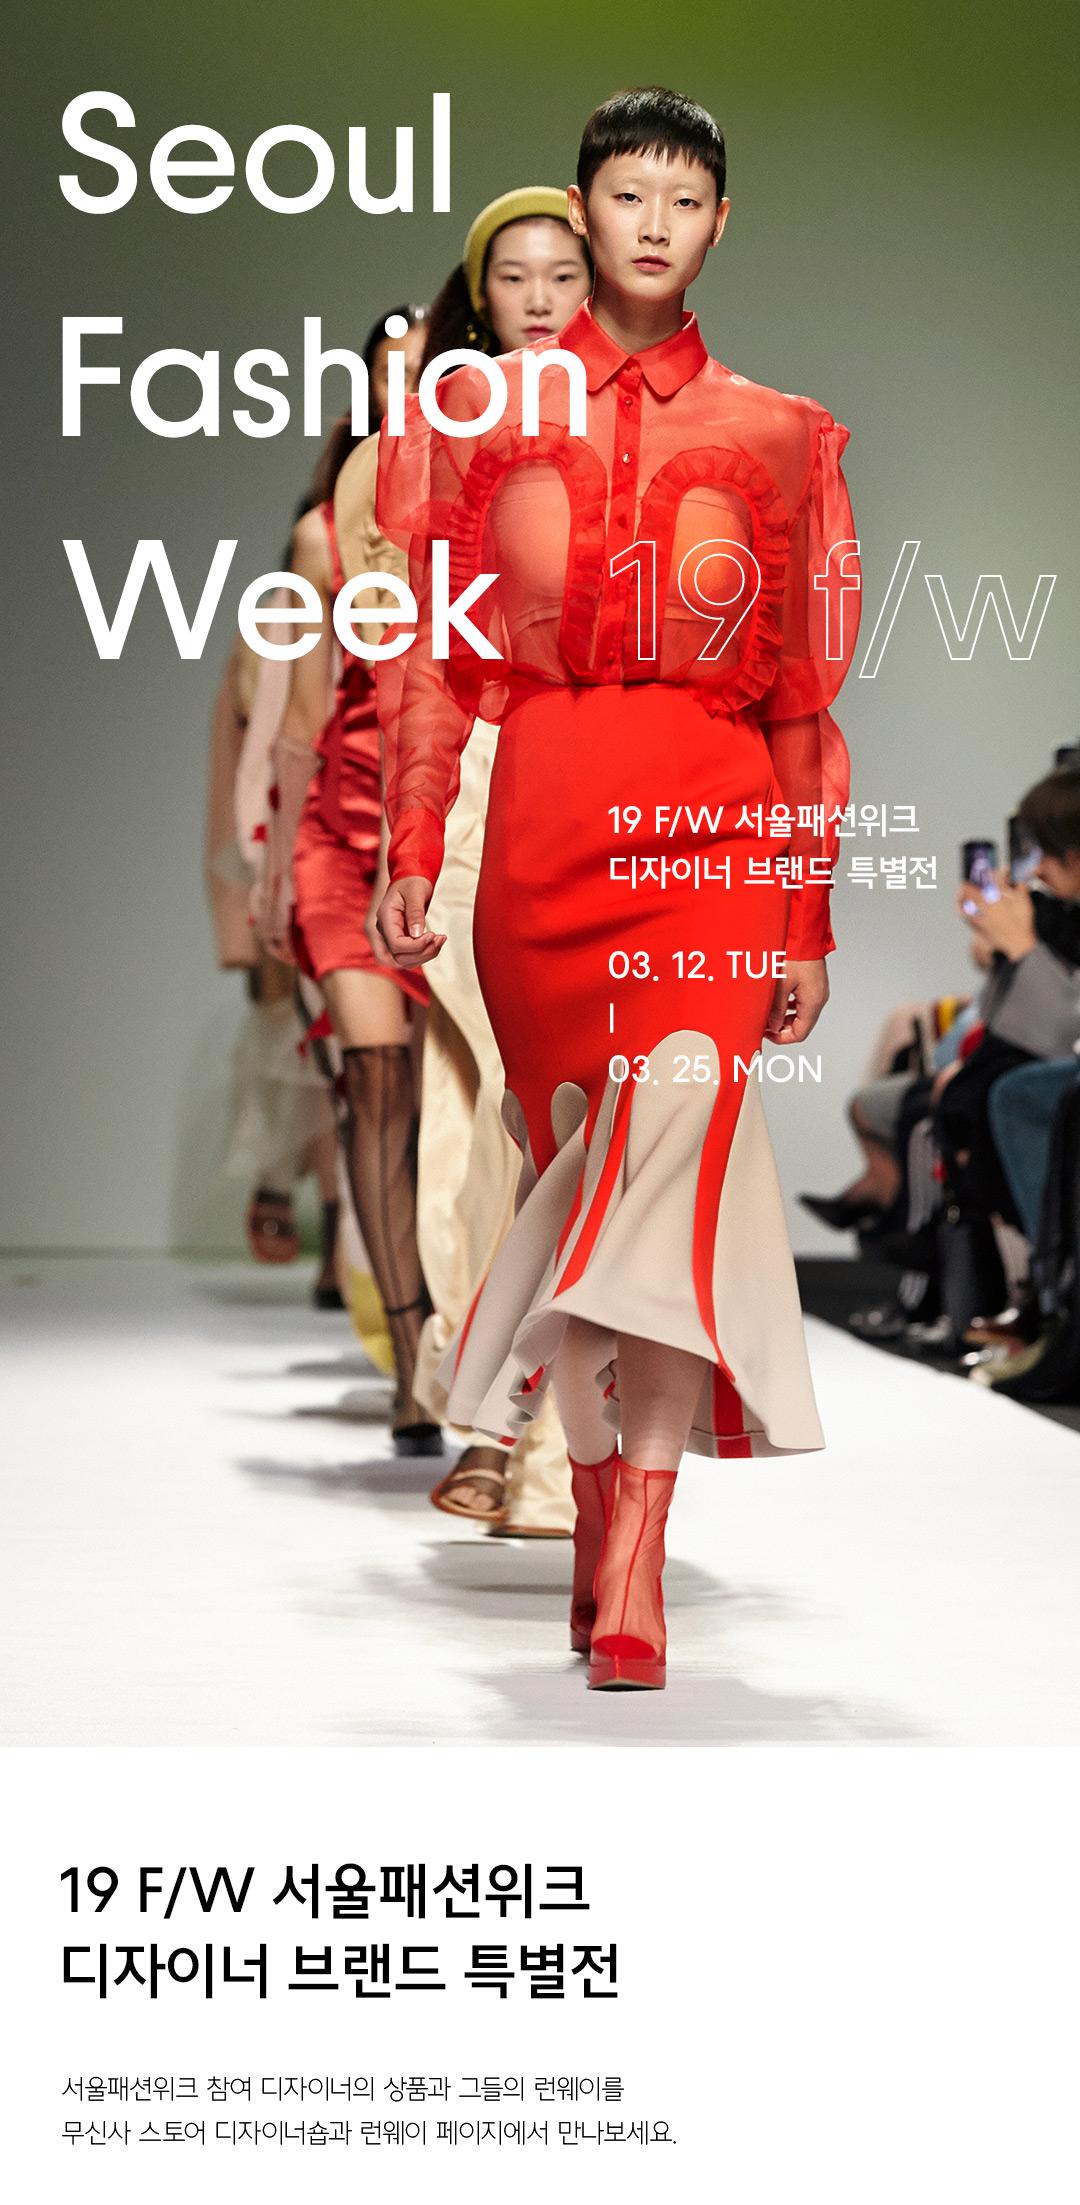 seoul fashion week 19 f/w